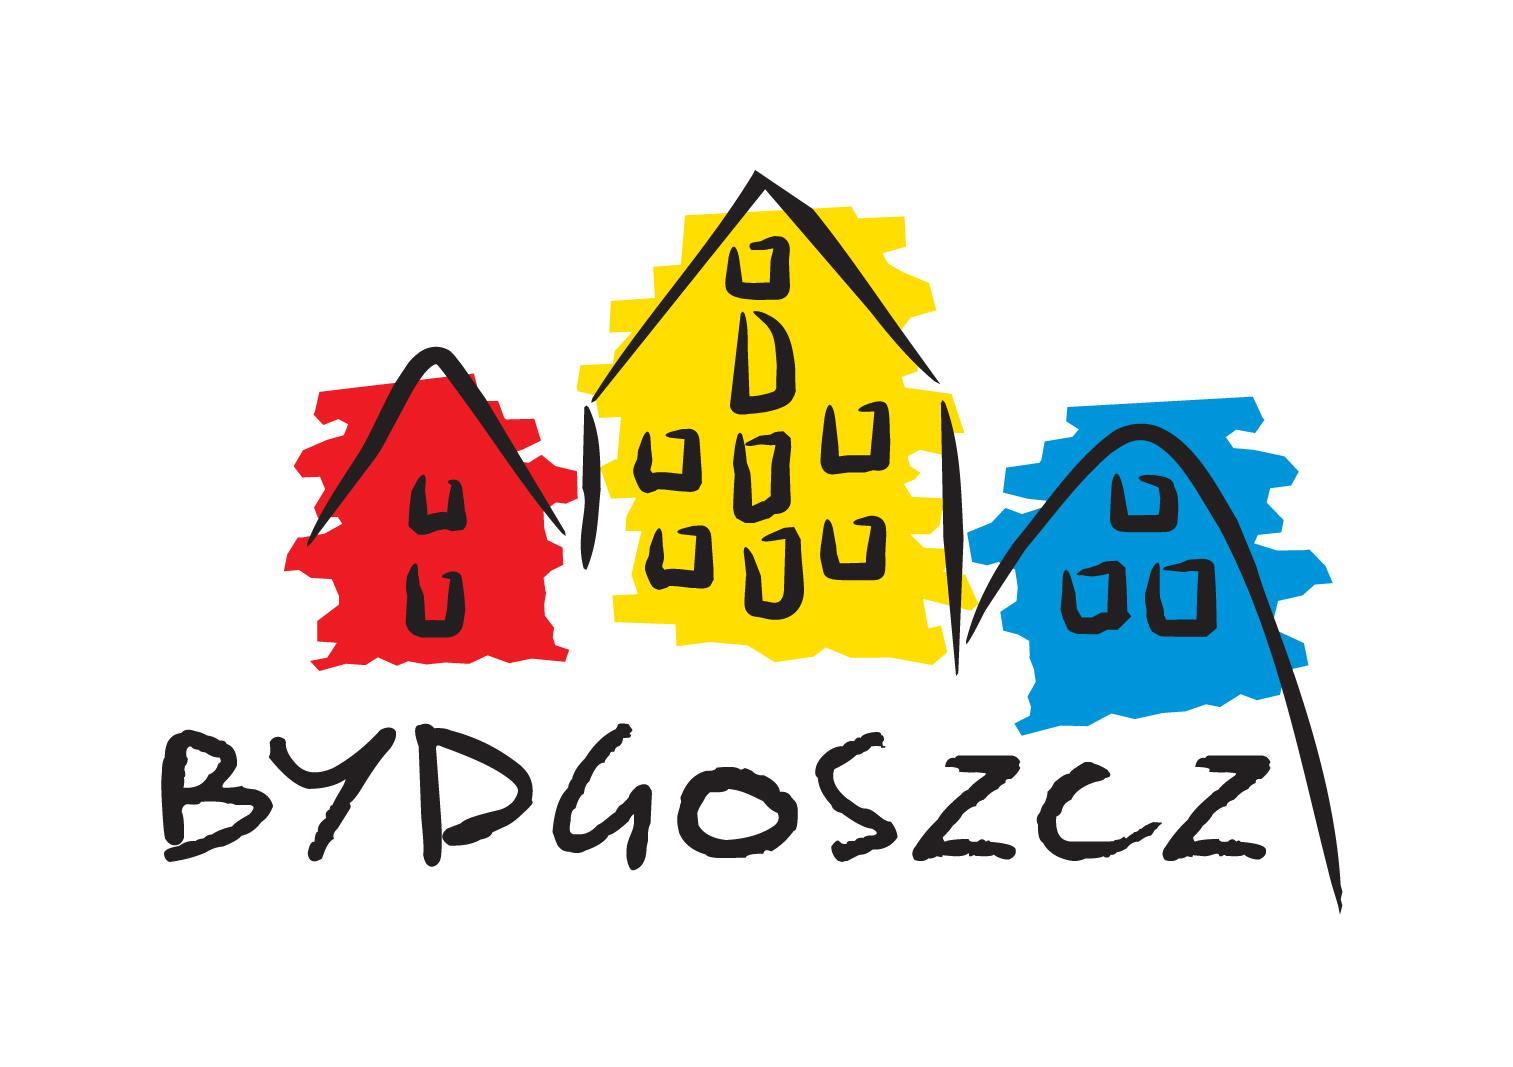 Koncert współfinansowyany z budżetu Miasta Bydgoszcz